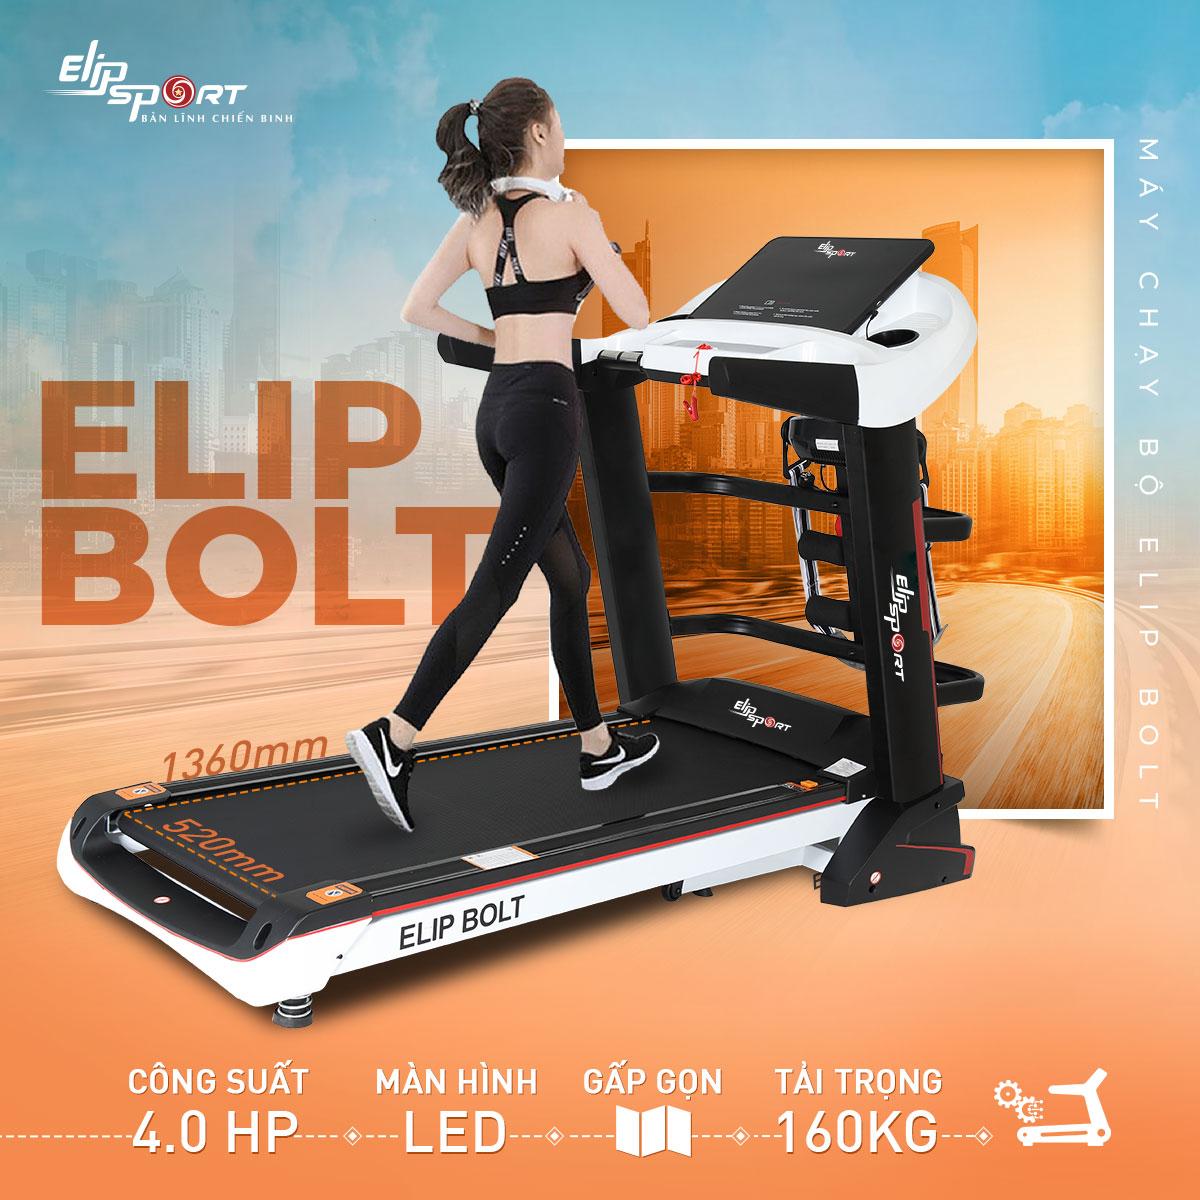 Máy chạy bộ điện đa năng ELIP Bolt